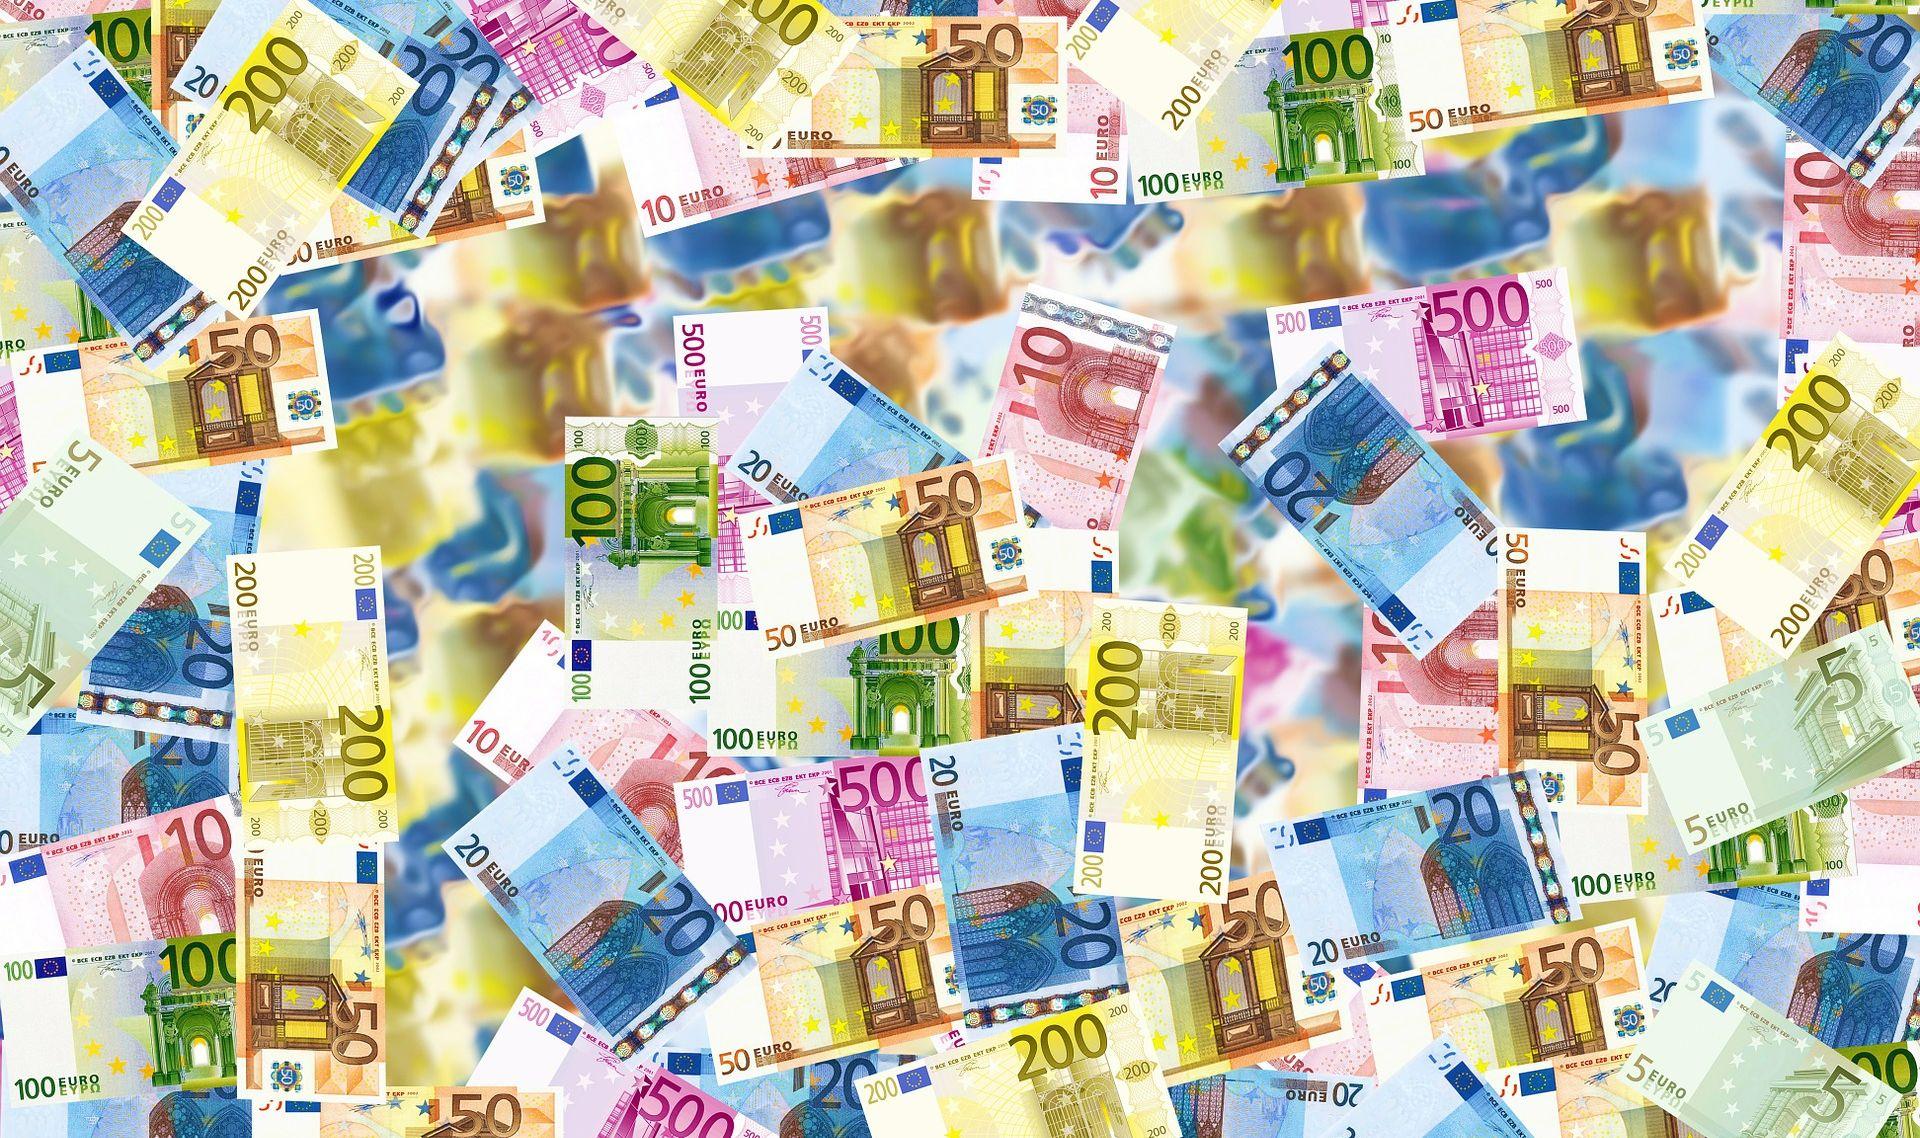 Dubrovčanin kupovao krivotvorene novčanice putem 'Dark weba'